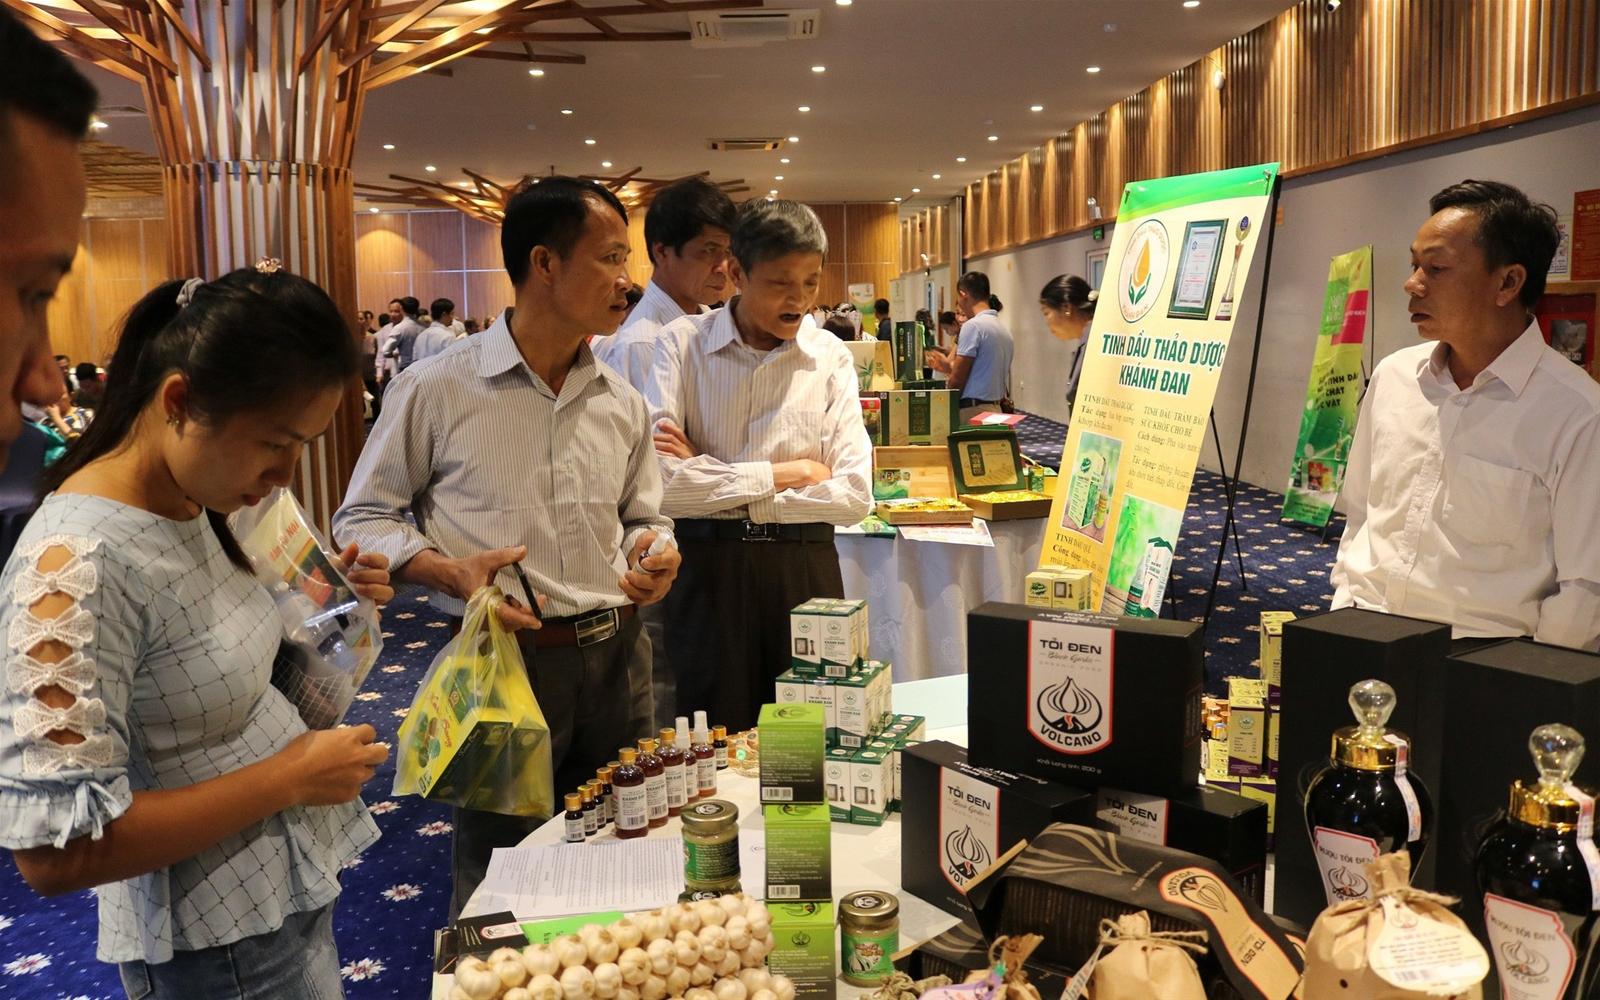 Tăng cường kết nối thị trường sản phẩm vùng miền và tiêu thụ nông sản an toàn